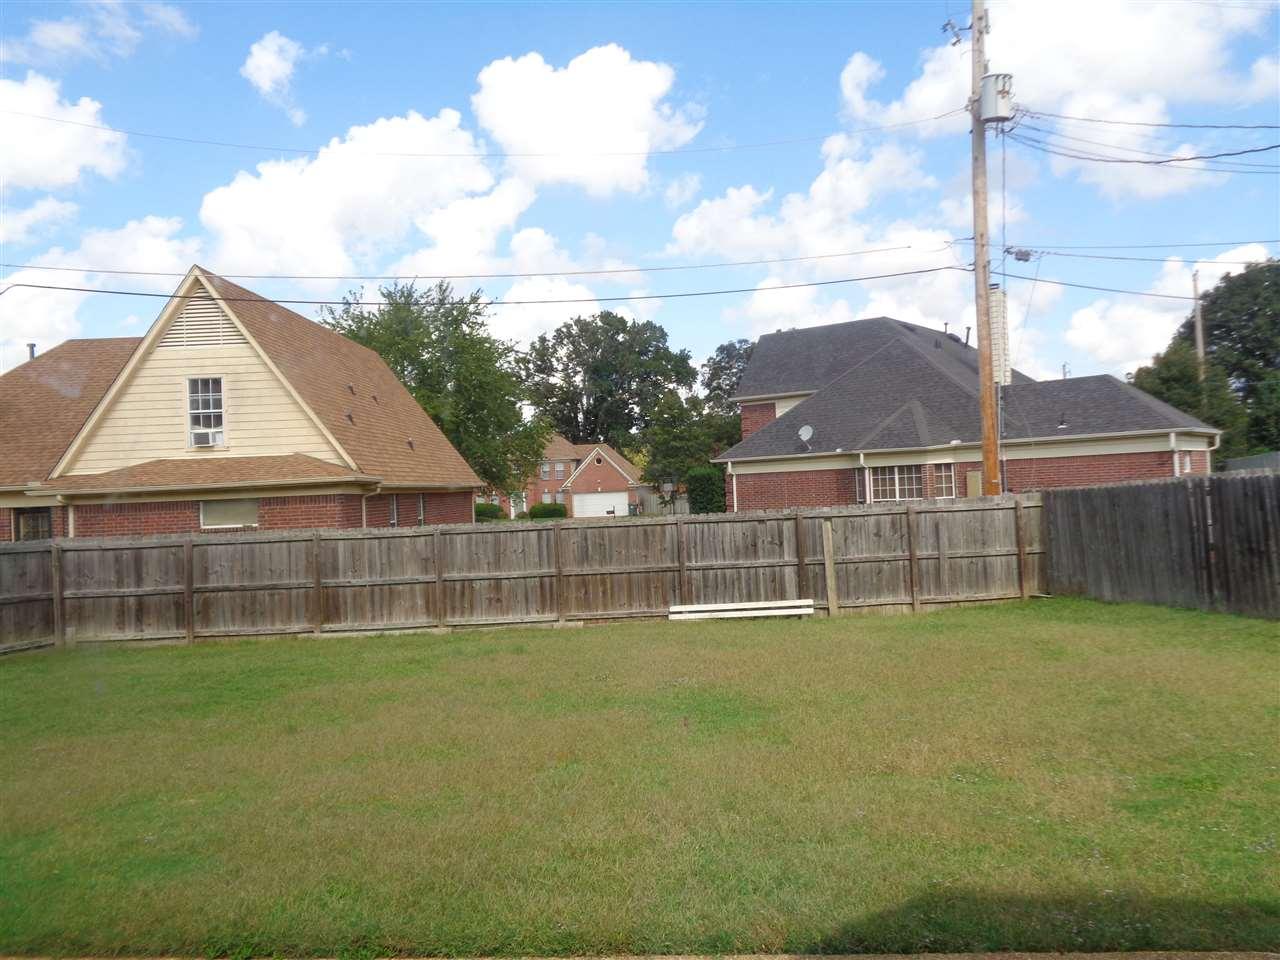 7118 Kingsland Memphis, TN 38125 - MLS #: 10013086